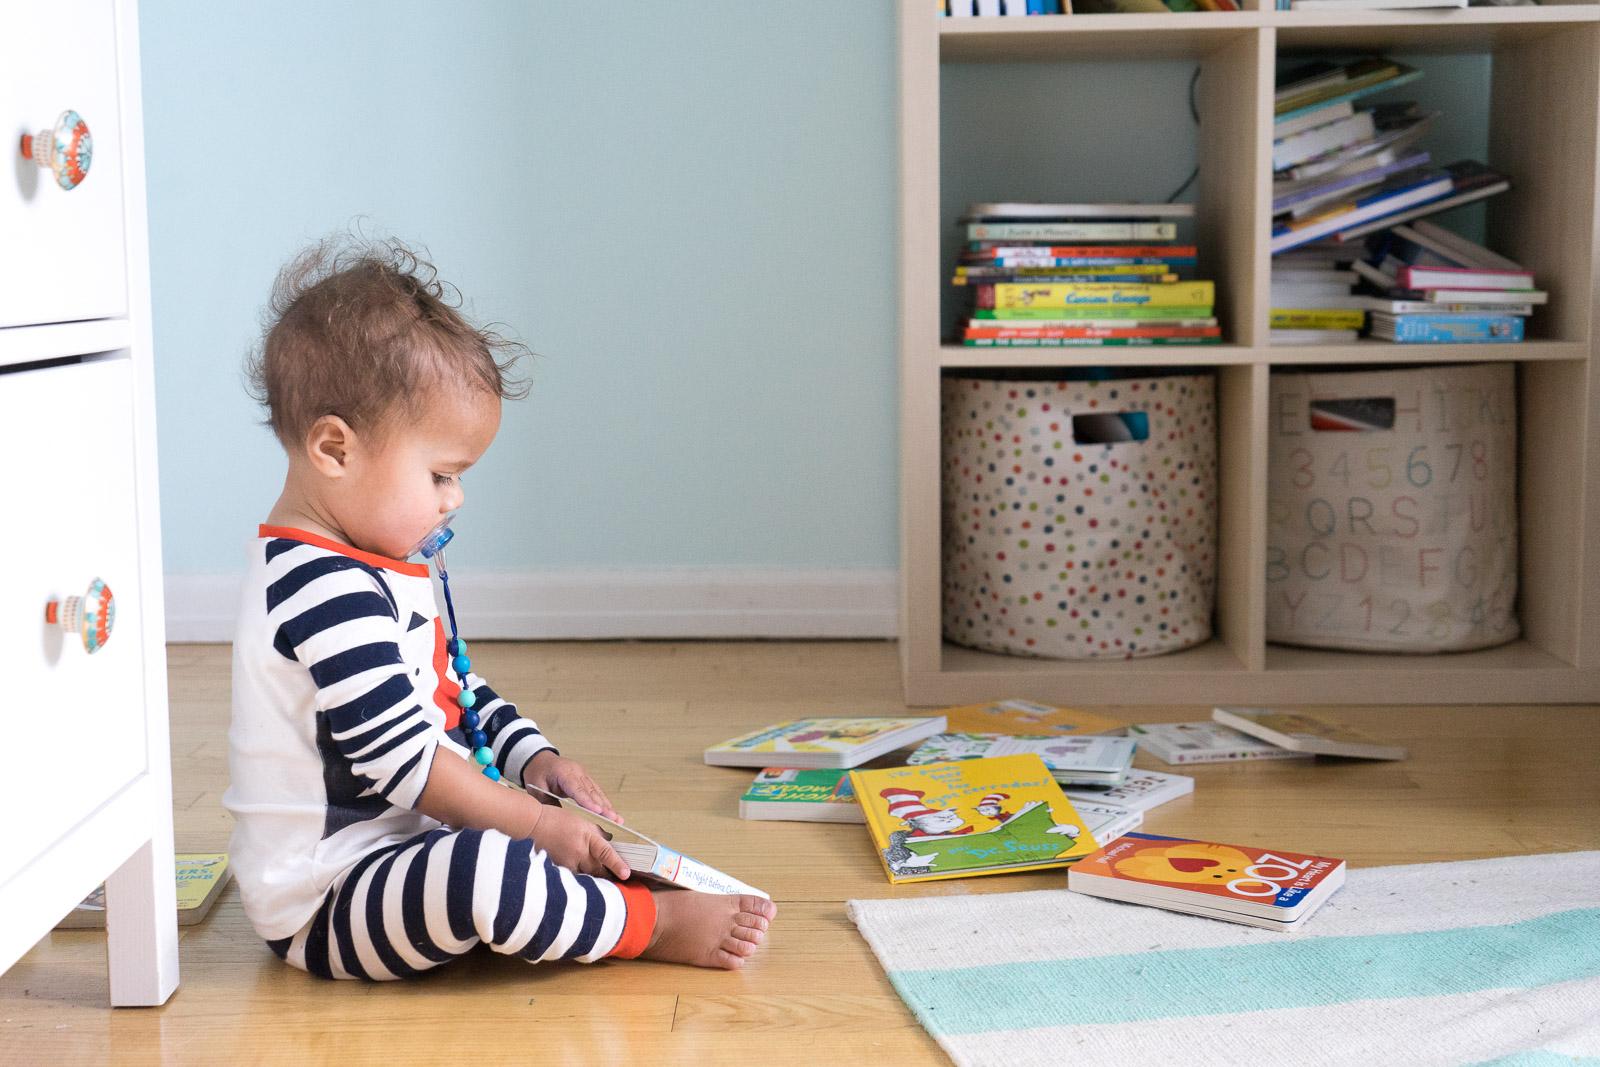 nursery-room_toddler-books_DIY_-book-display-5.jpg